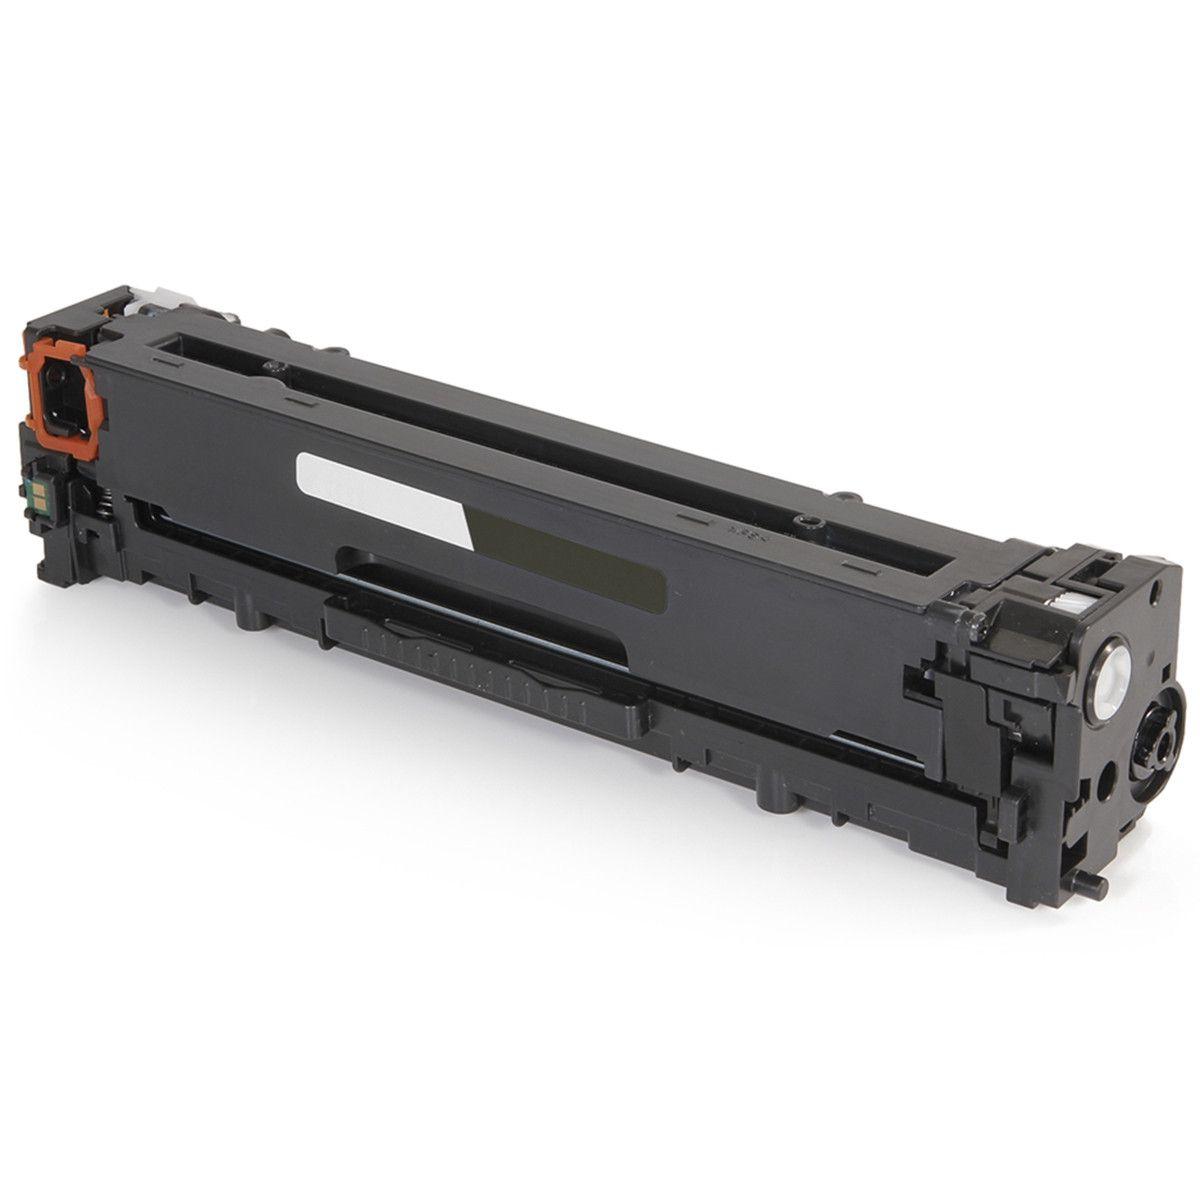 TONER COMPATÍVEL COM HP CE320A 128A CM1415 CM1415FN CM1415FNW CP1525 CP1525NW Black 2.100 Páginas - Cartucho & Cia